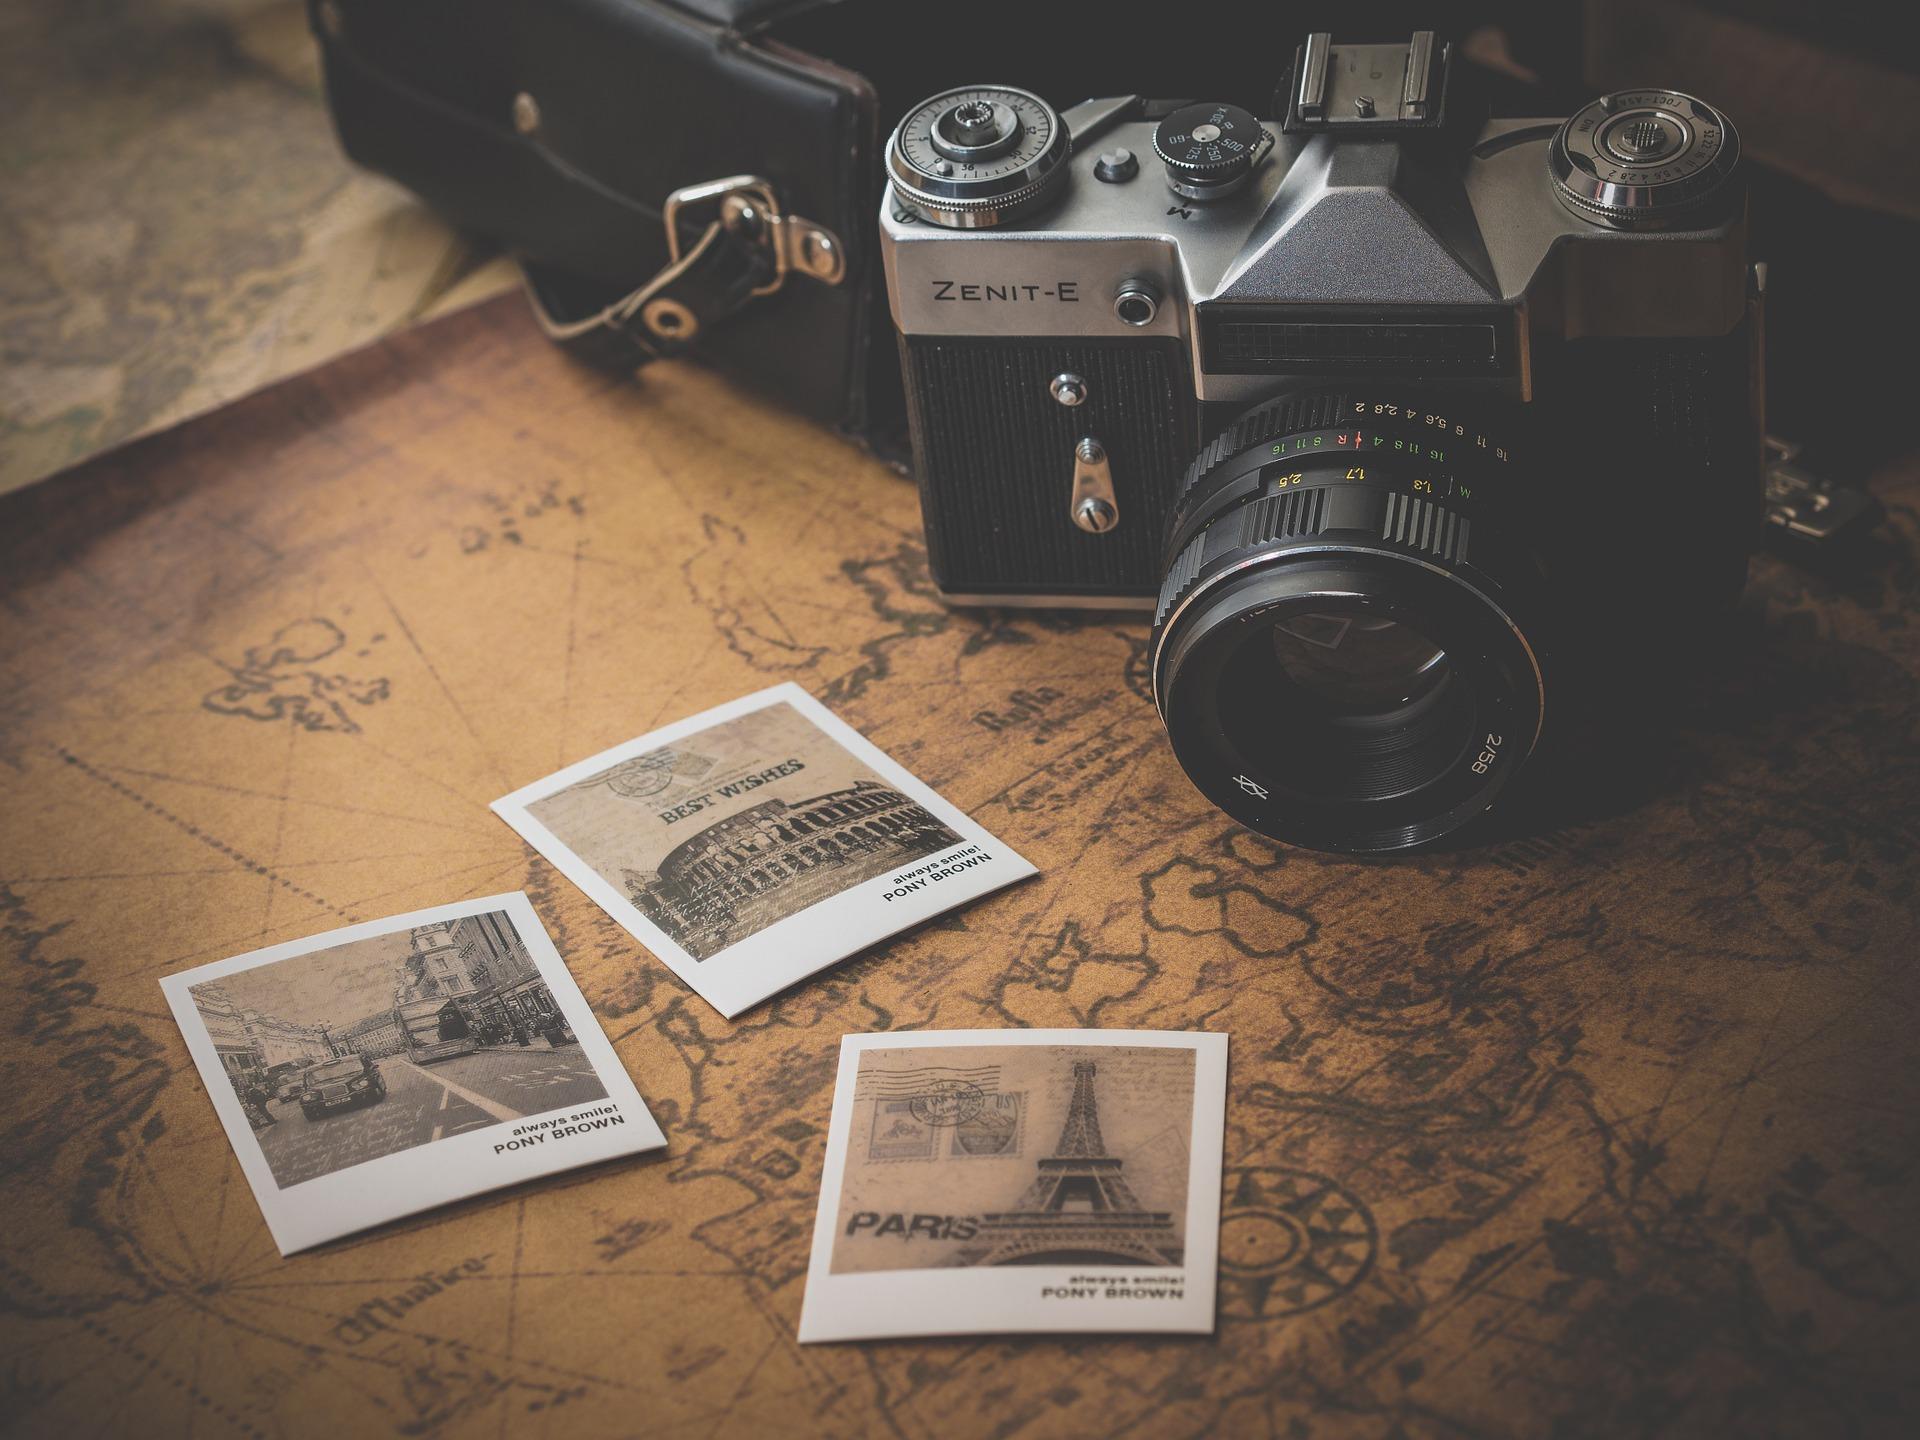 Bildrechte im Internet: Fotos für Websites, Blogs und Social Media sicher nutzen